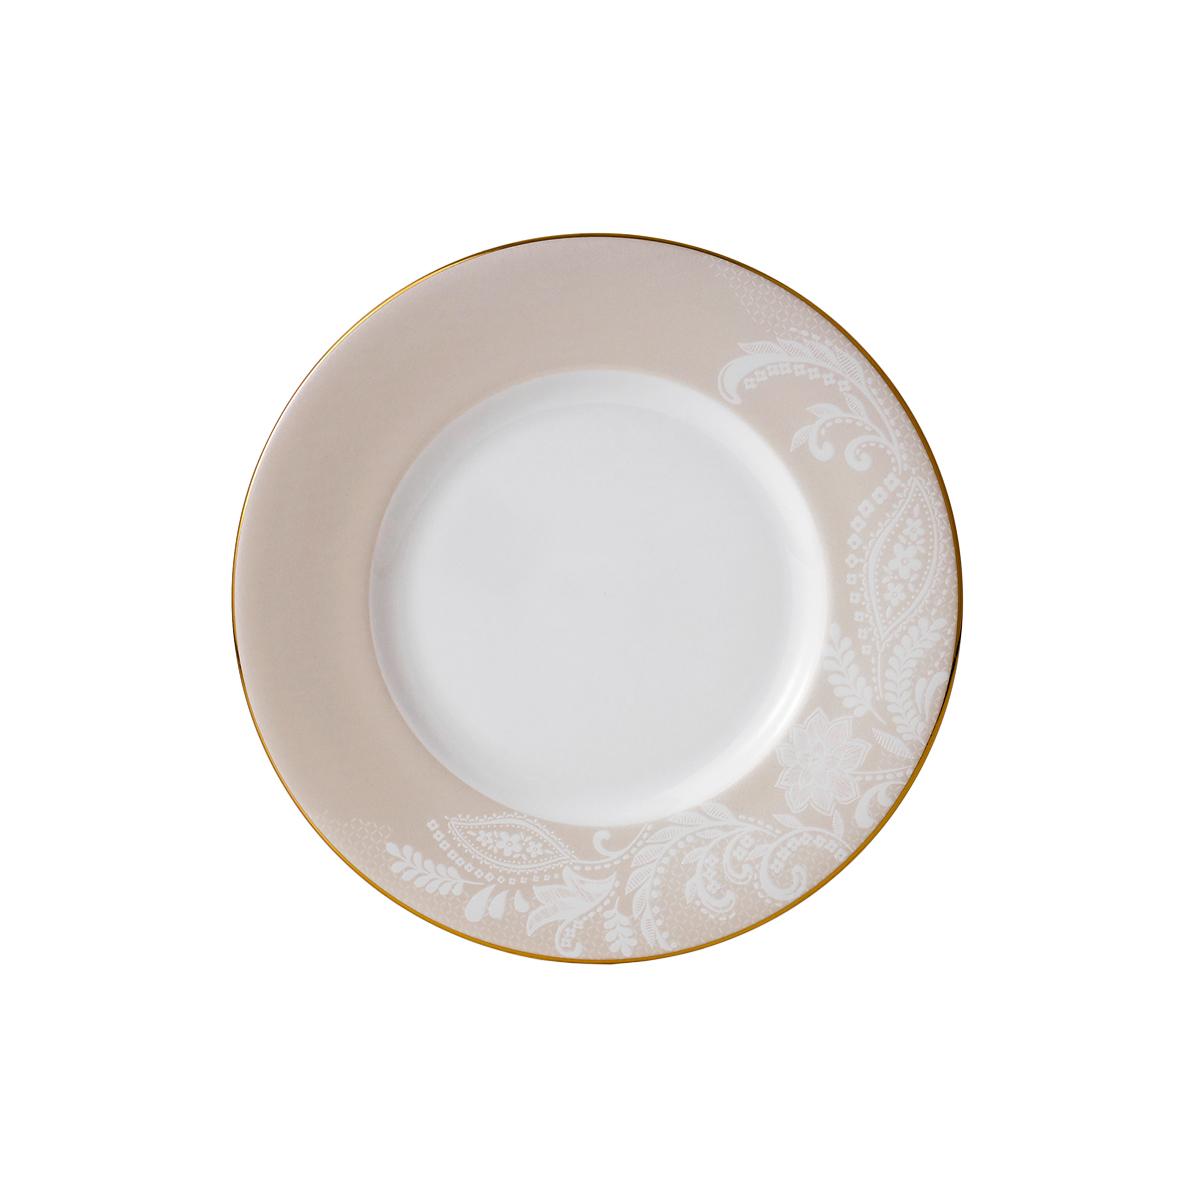 Фото - Набор тарелок Hankook/Prouna Сатин стич 17 см 6 шт набор суповых тарелок hankook prouna эпл би 23 см 6 шт